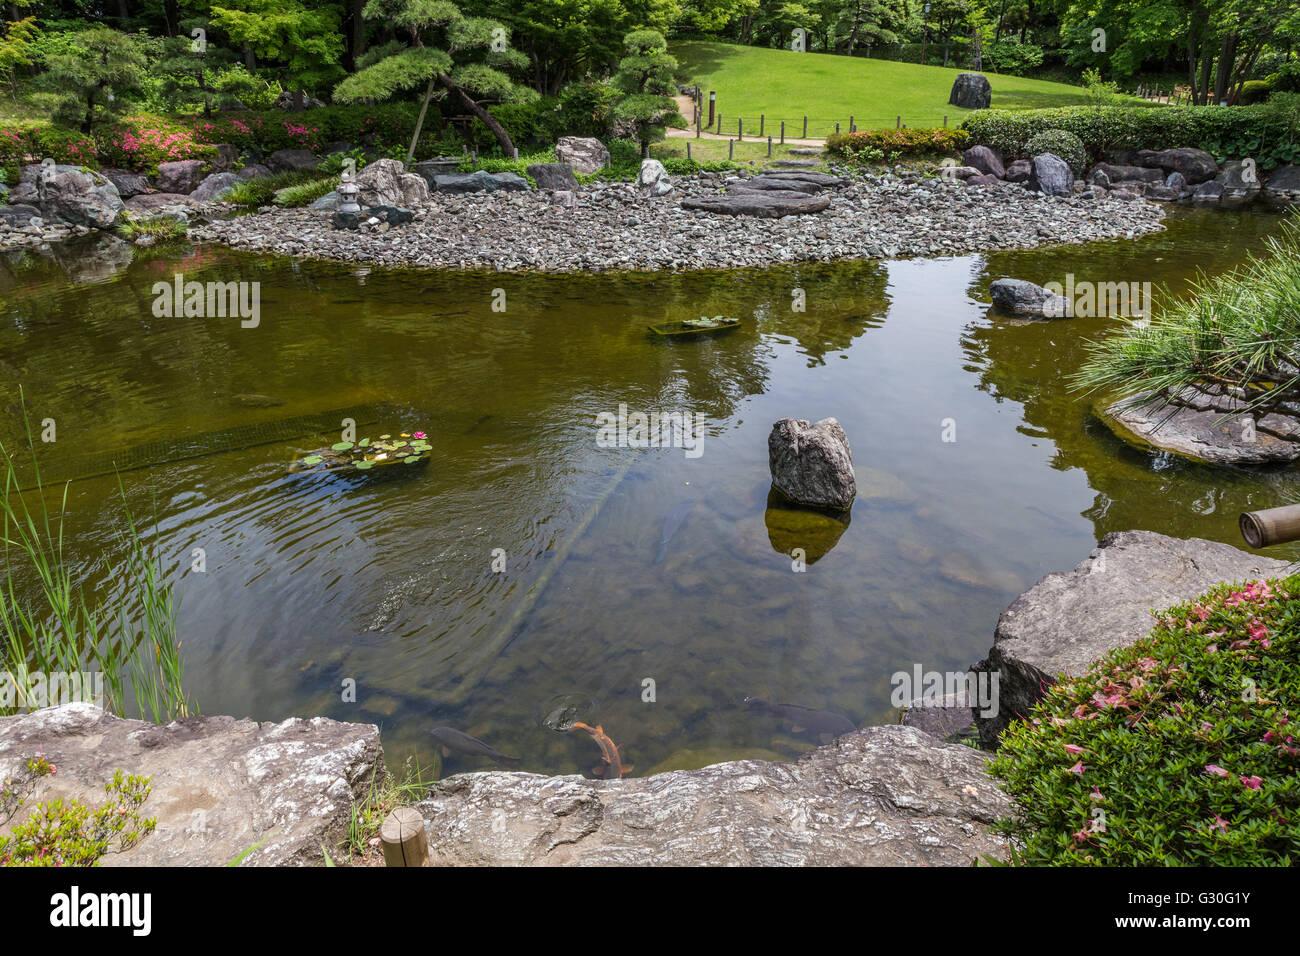 Hanahata est une communauté jardin jardin japonais d'Adachi-ku Tokyo. Bien que sa formation est relativement Photo Stock